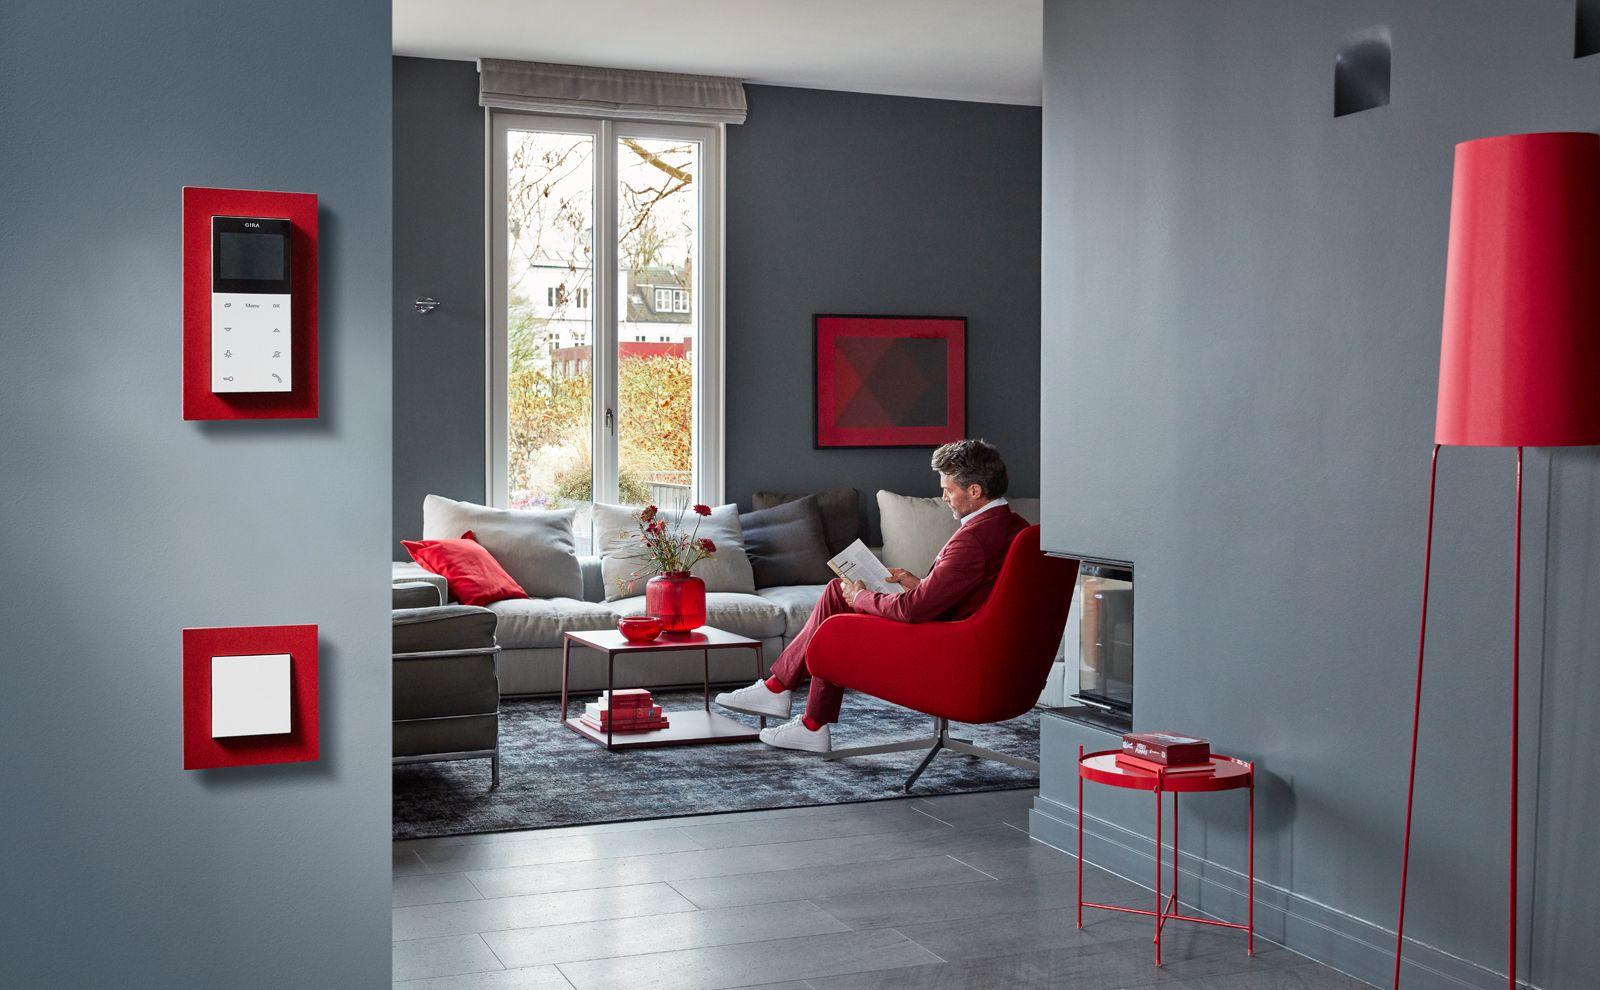 Mann in einem Wohnzimmer mit Türsprechanlage AP und Gira Schalter